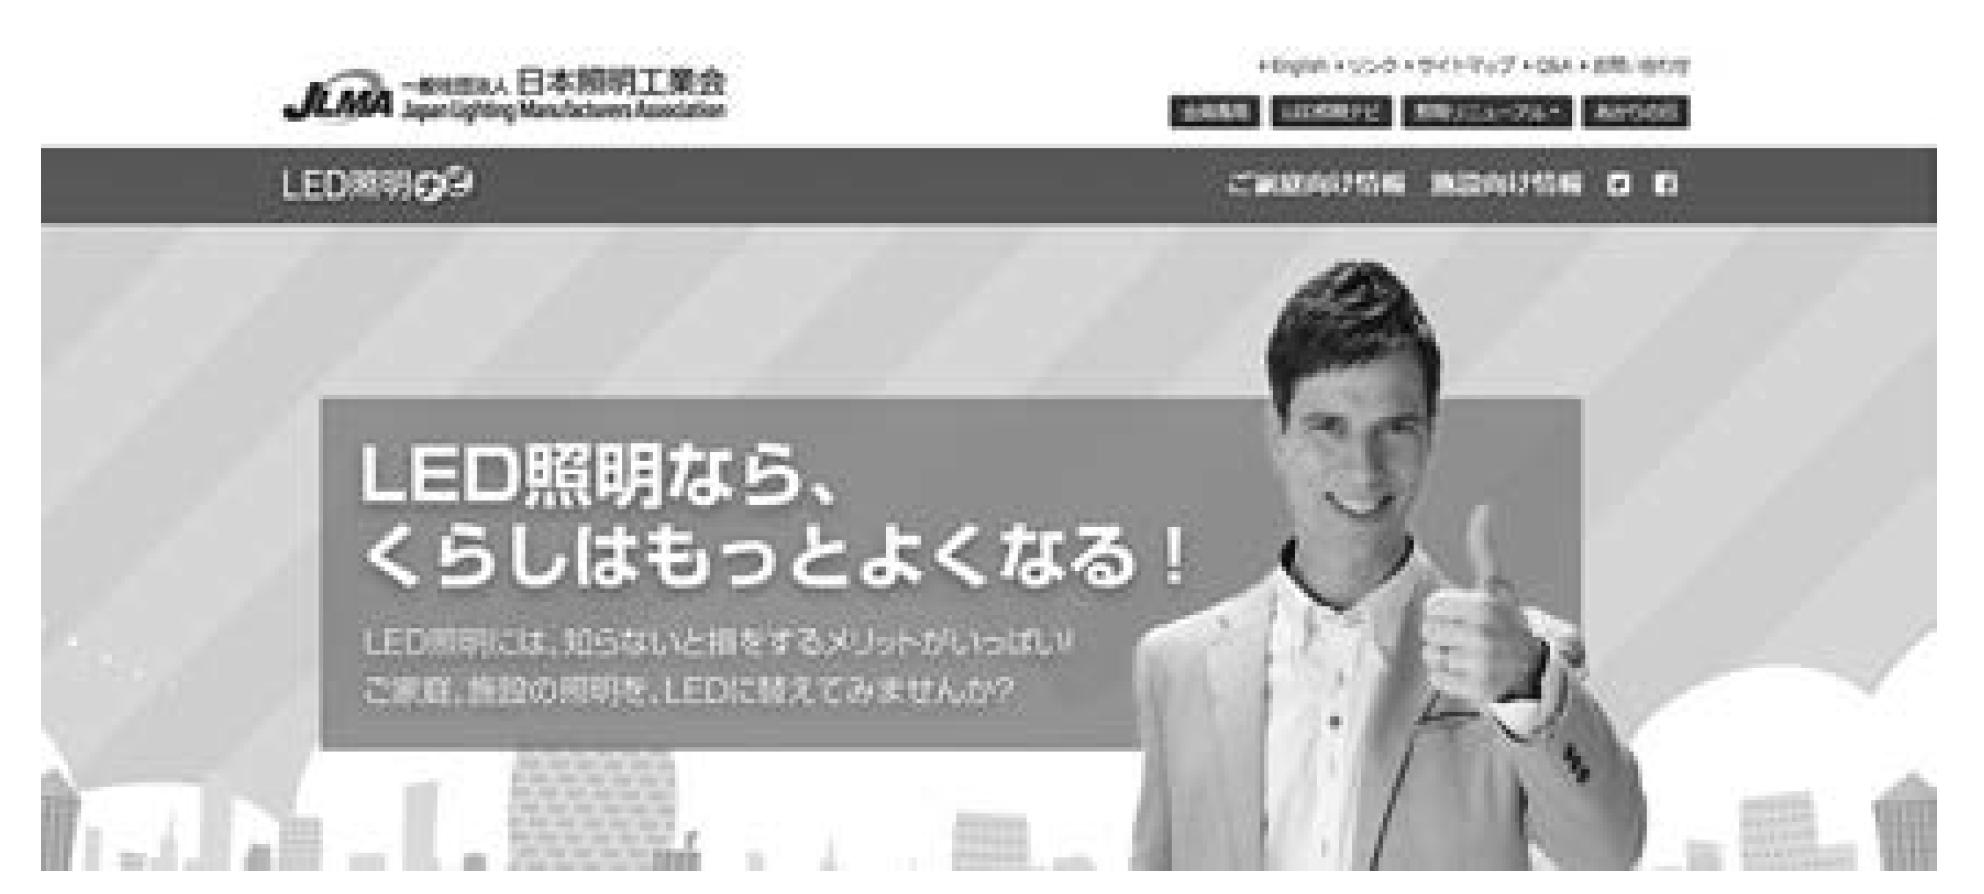 日本照明工業会 公式SNS サイト開設 「あかりの日」など 多彩な情報を発信の画像